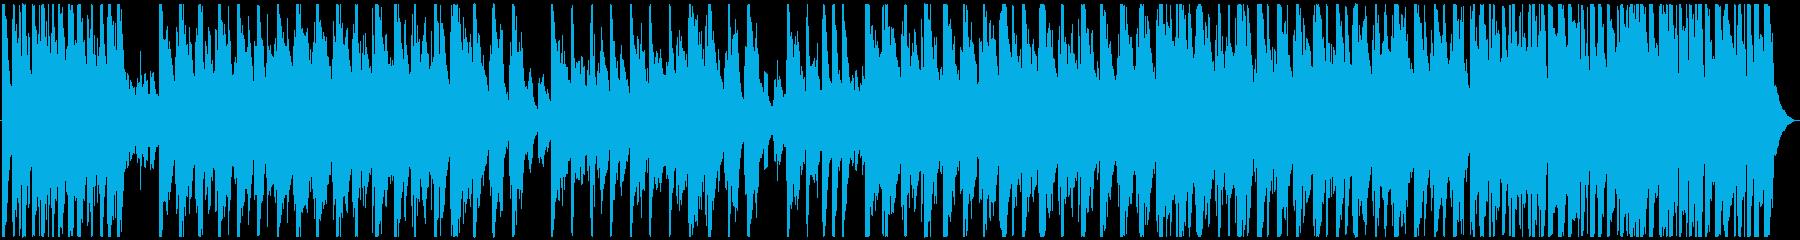 CMのようなコミカルでおしゃれなジャズの再生済みの波形